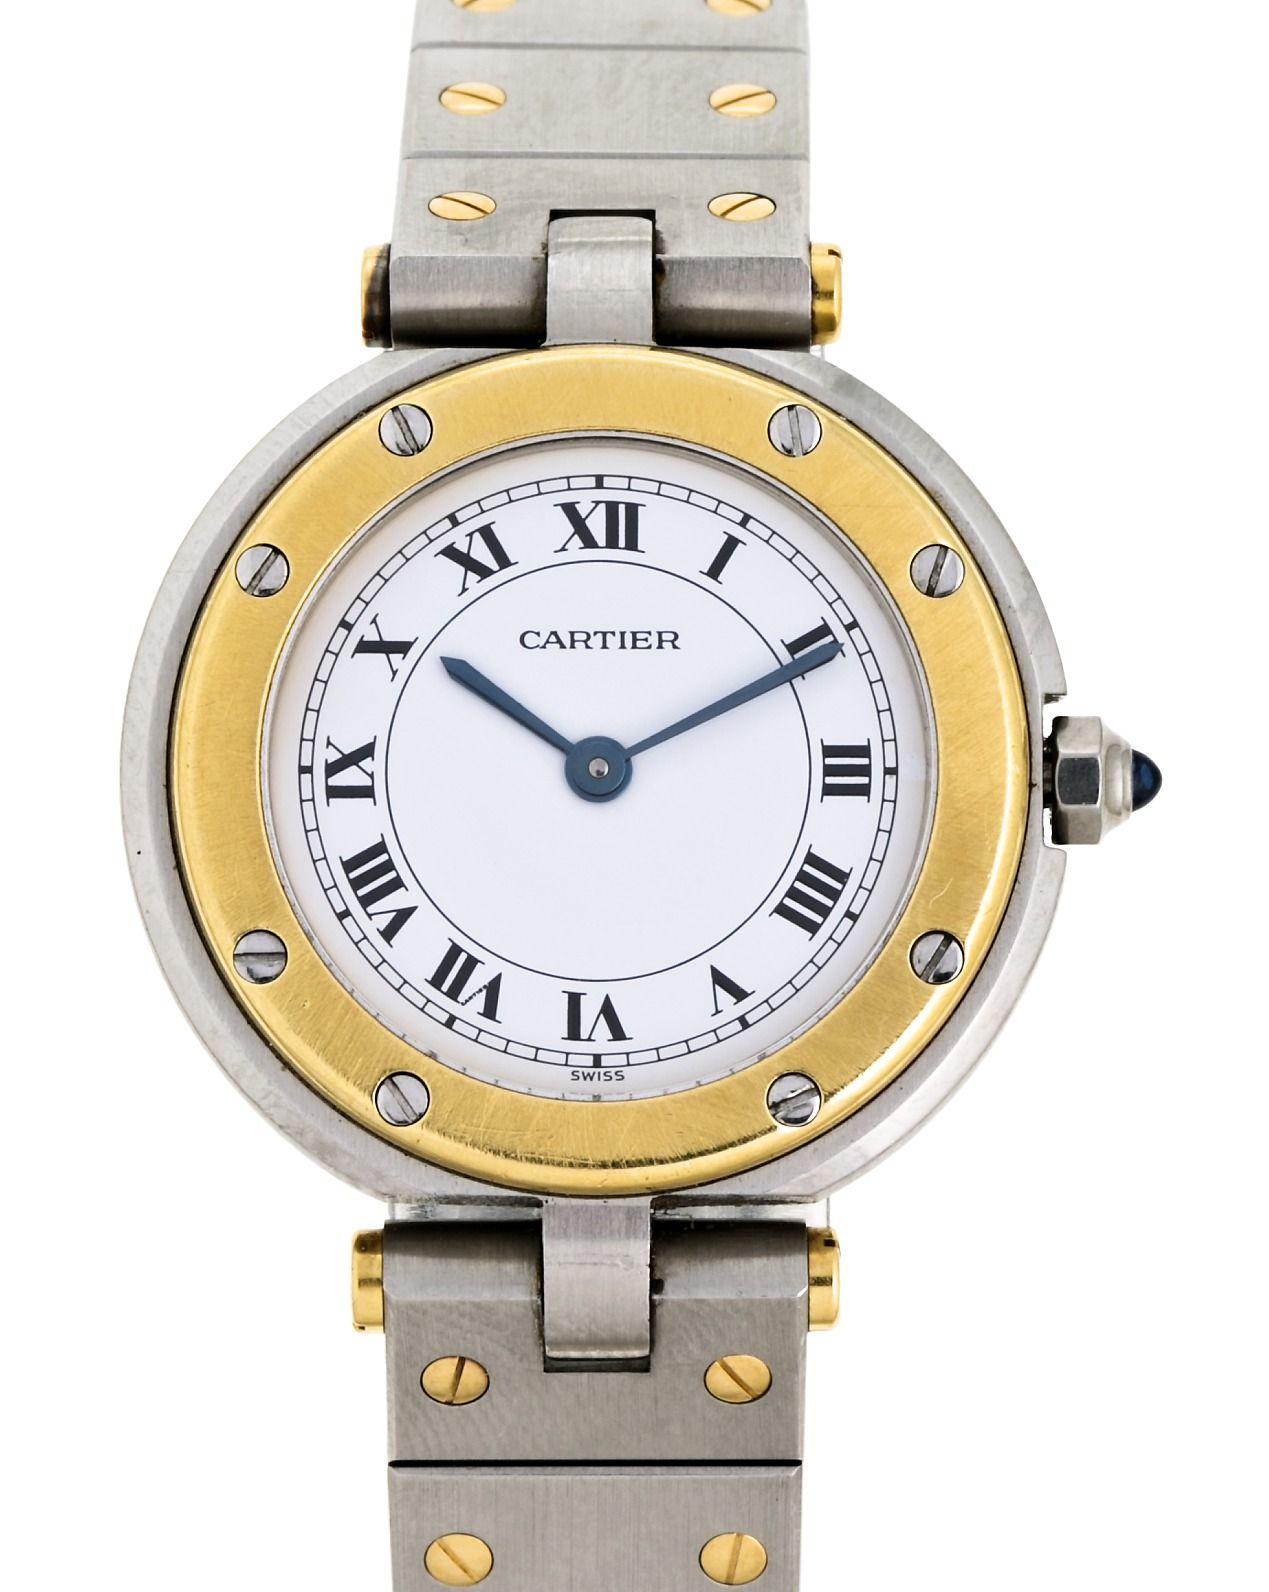 18f11b9274a3 Cartier, Ronde, reloj de pulsera de señora en acero y oro | По ...